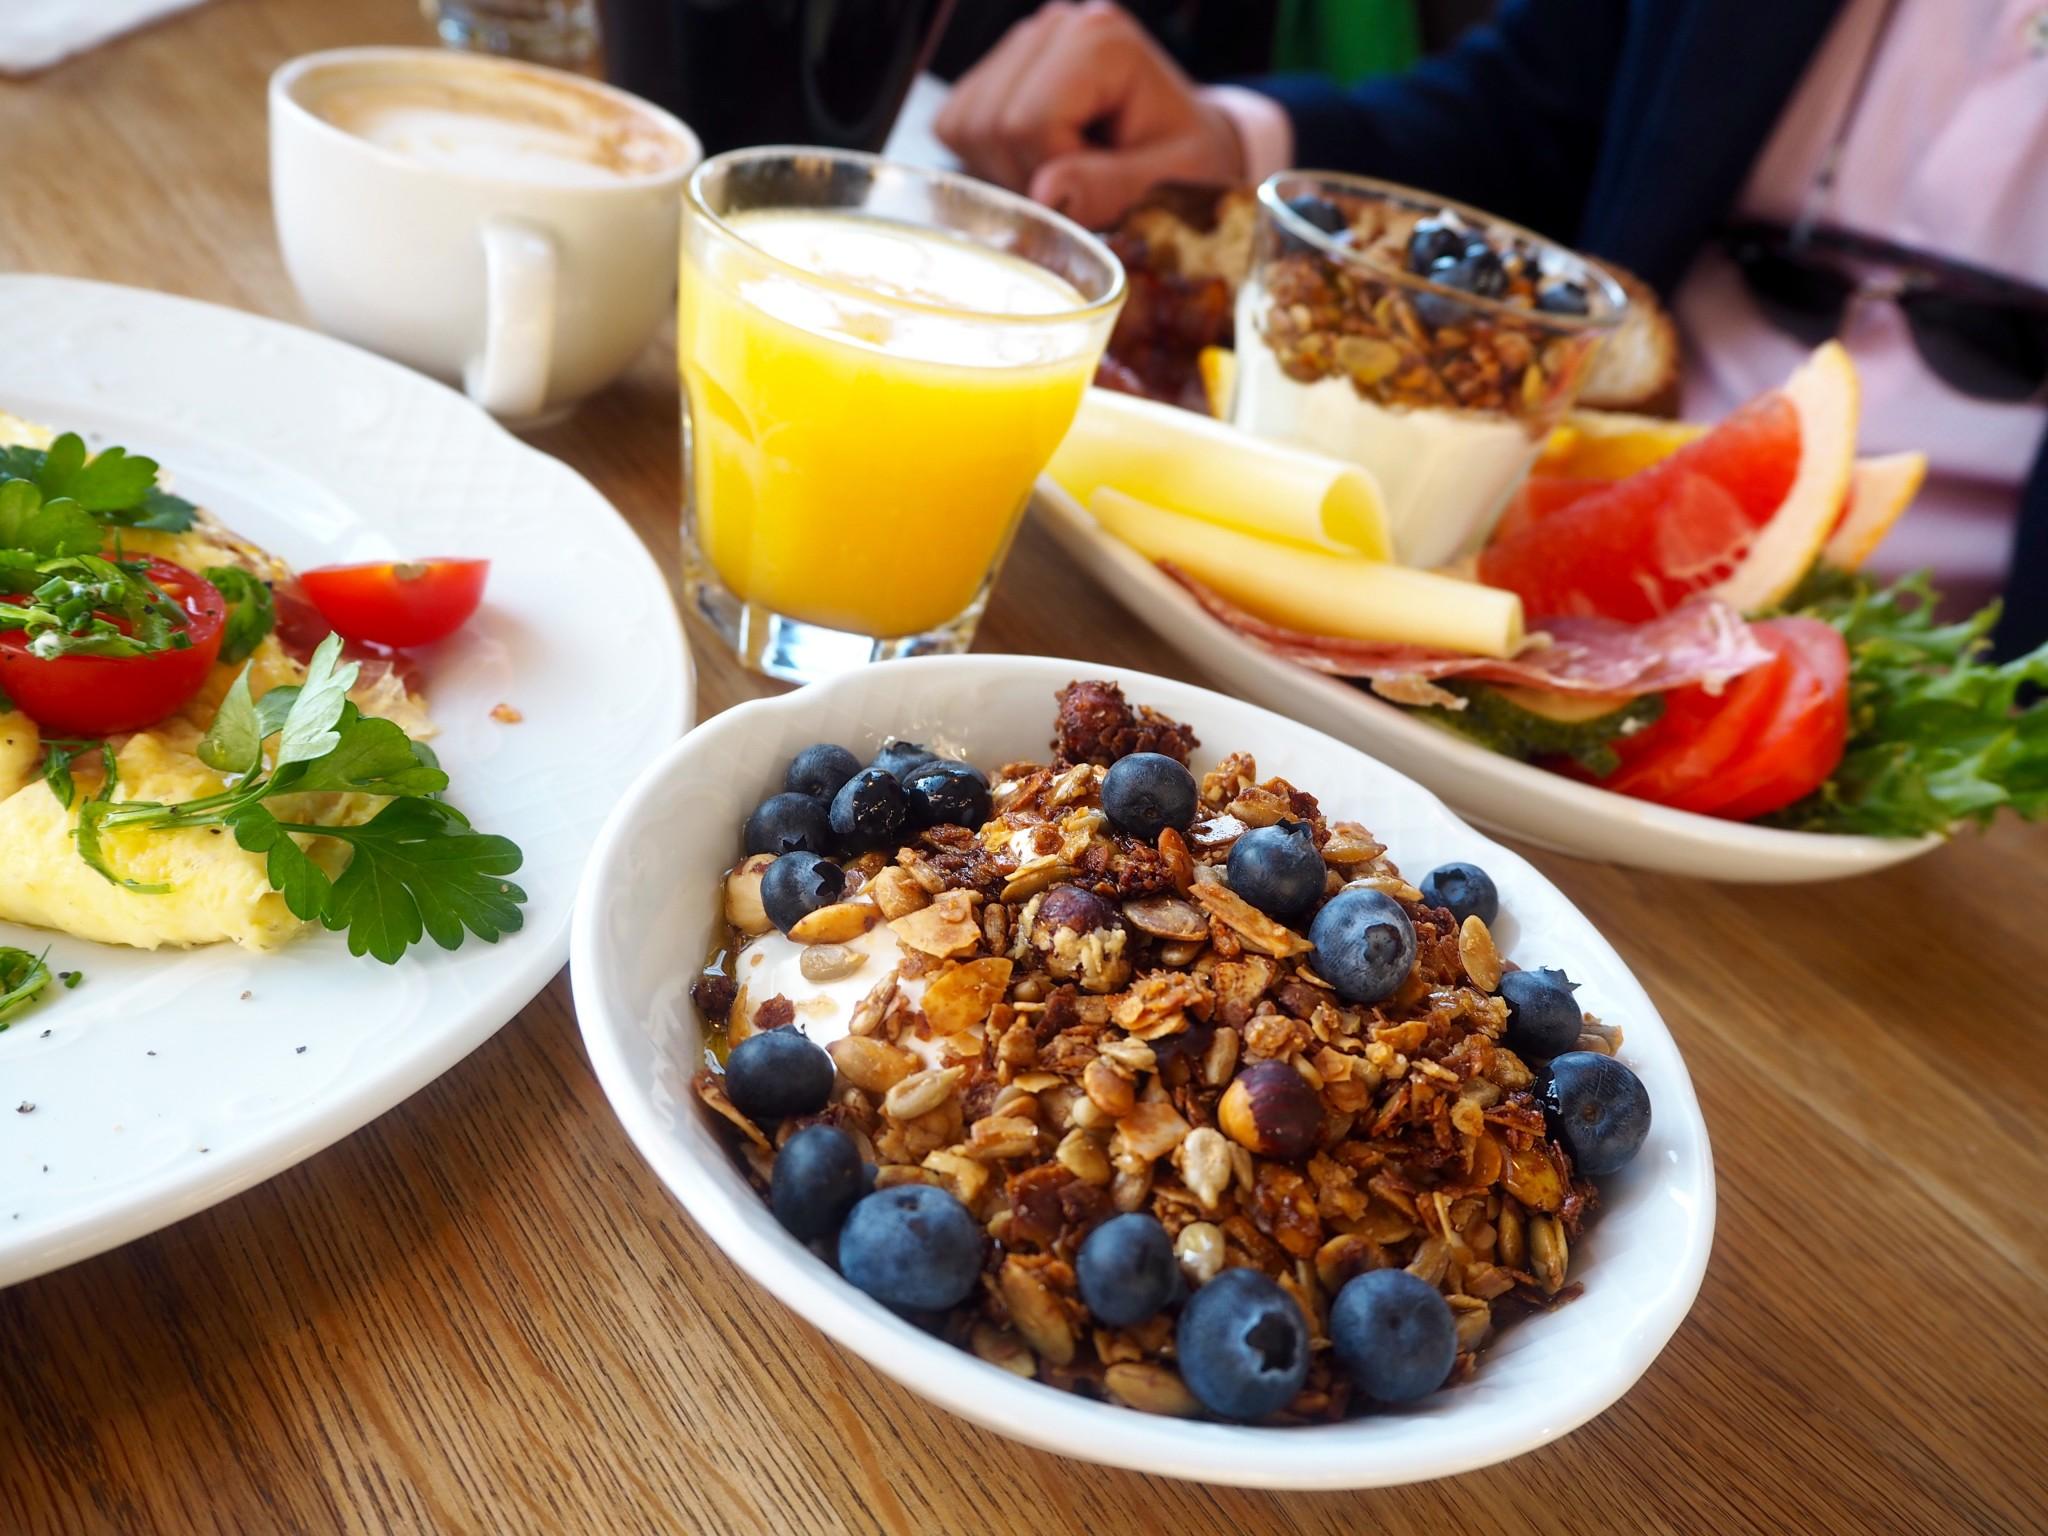 Storyn aamiainen Vanhassa kauppahallissa